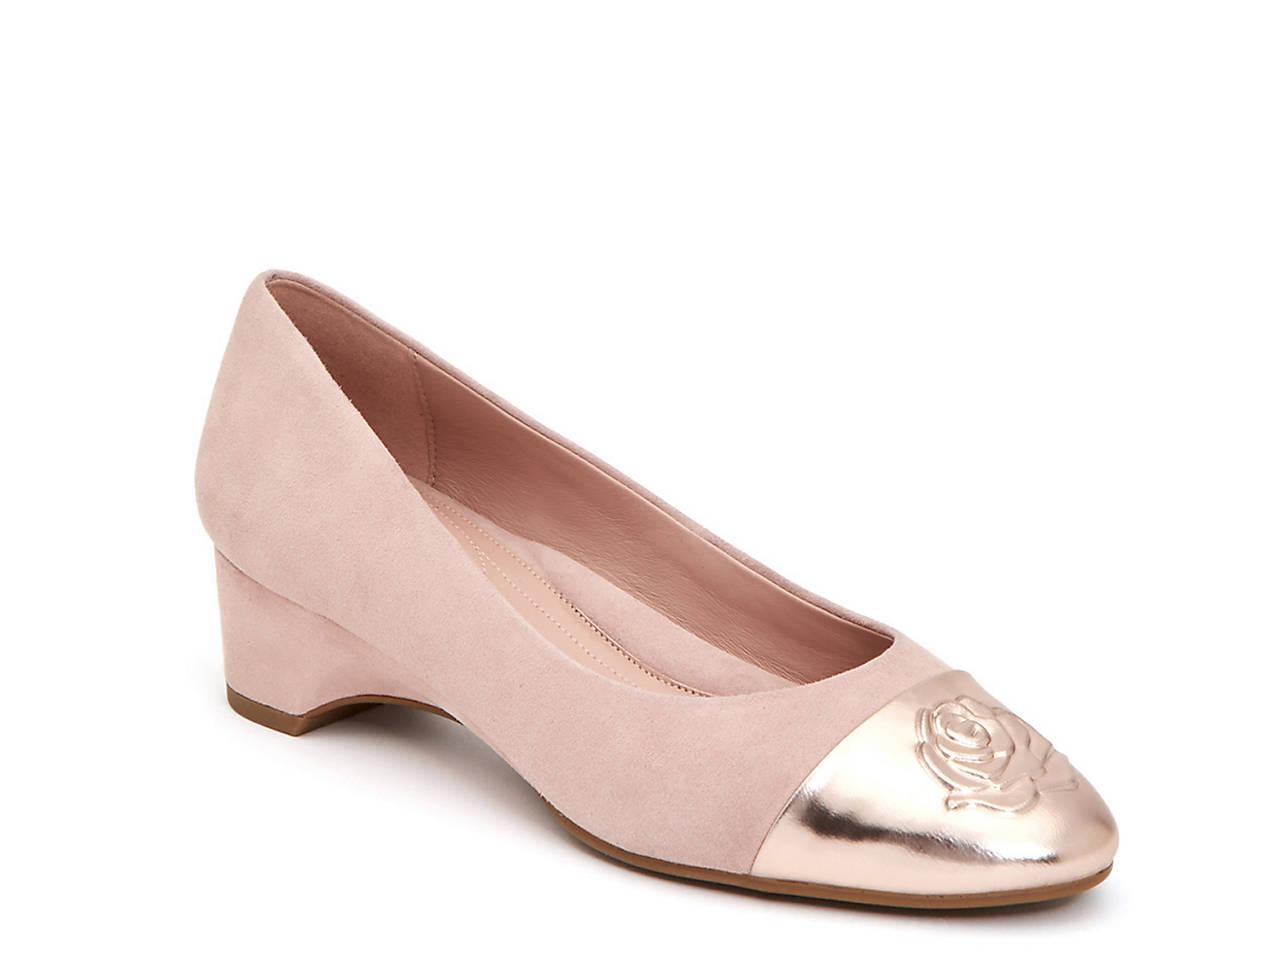 f2dda6dac3 Taryn Rose Babe Wedge Pump Women's Shoes | DSW